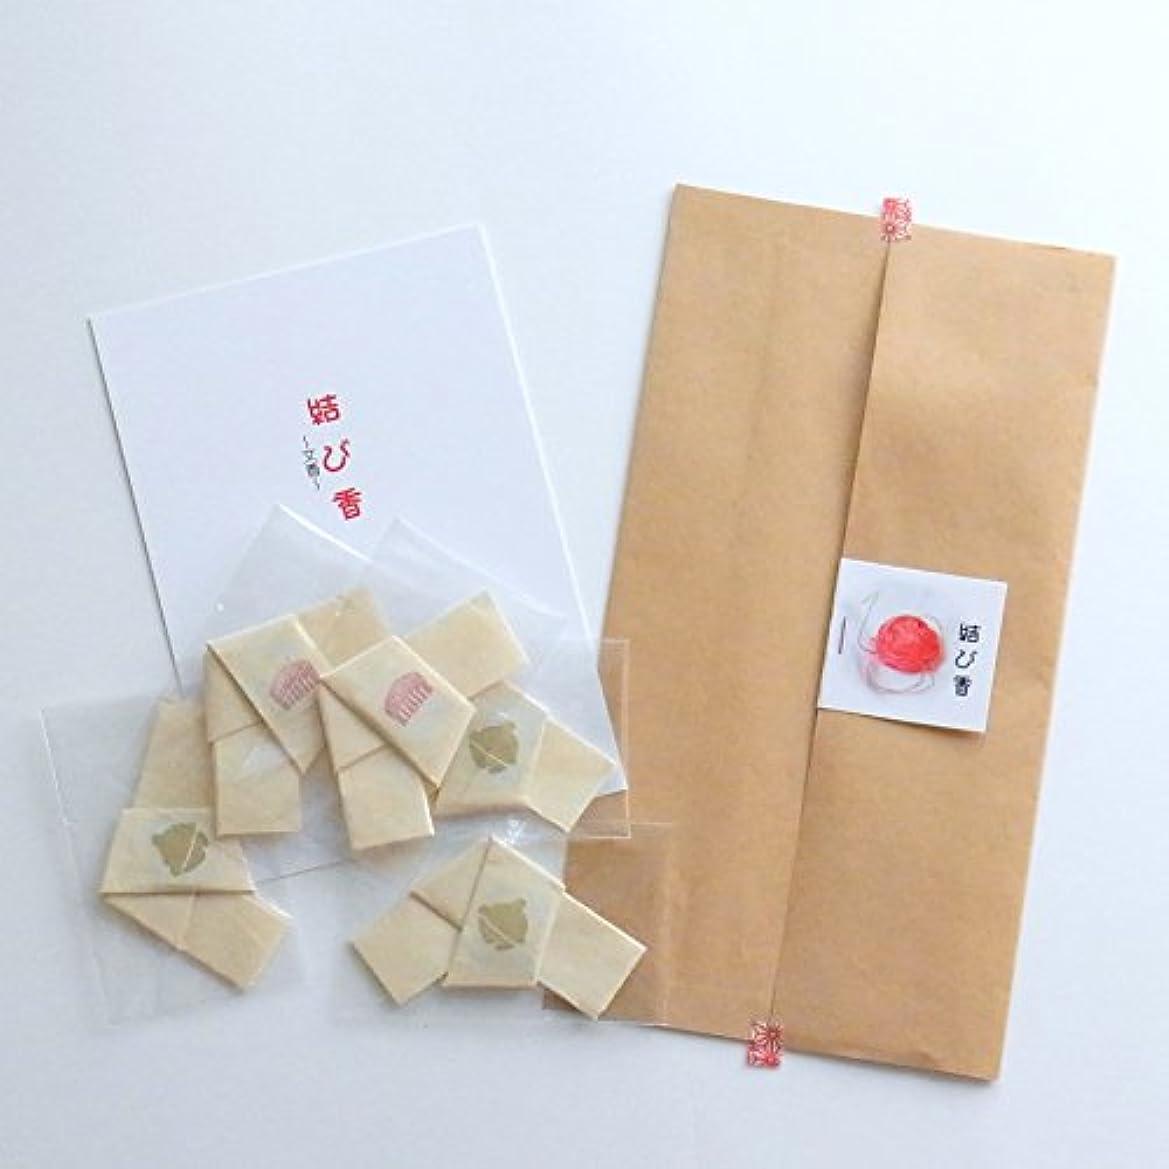 組み込むコンベンショングラマー手紙に添えたり、バッグにしのばせてご縁を結ぶ【結び香】